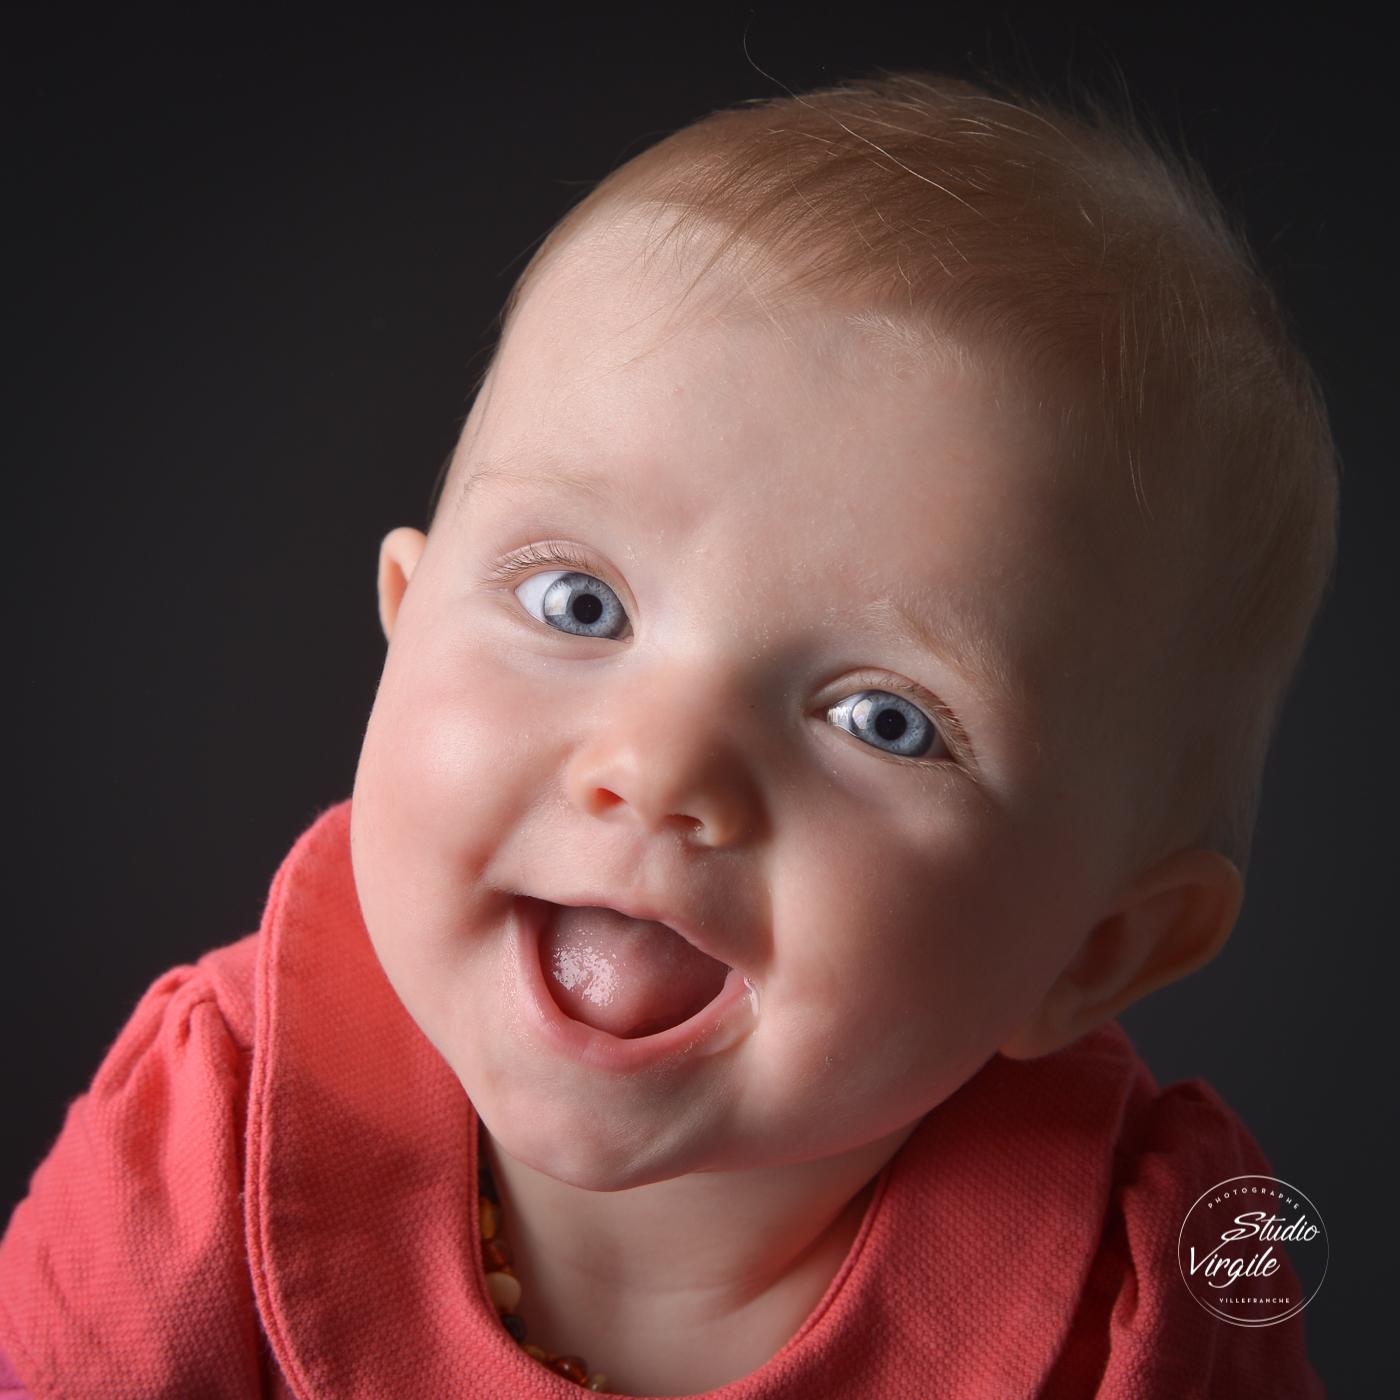 115nouveauné-enfant-bébé-photo-portrait-